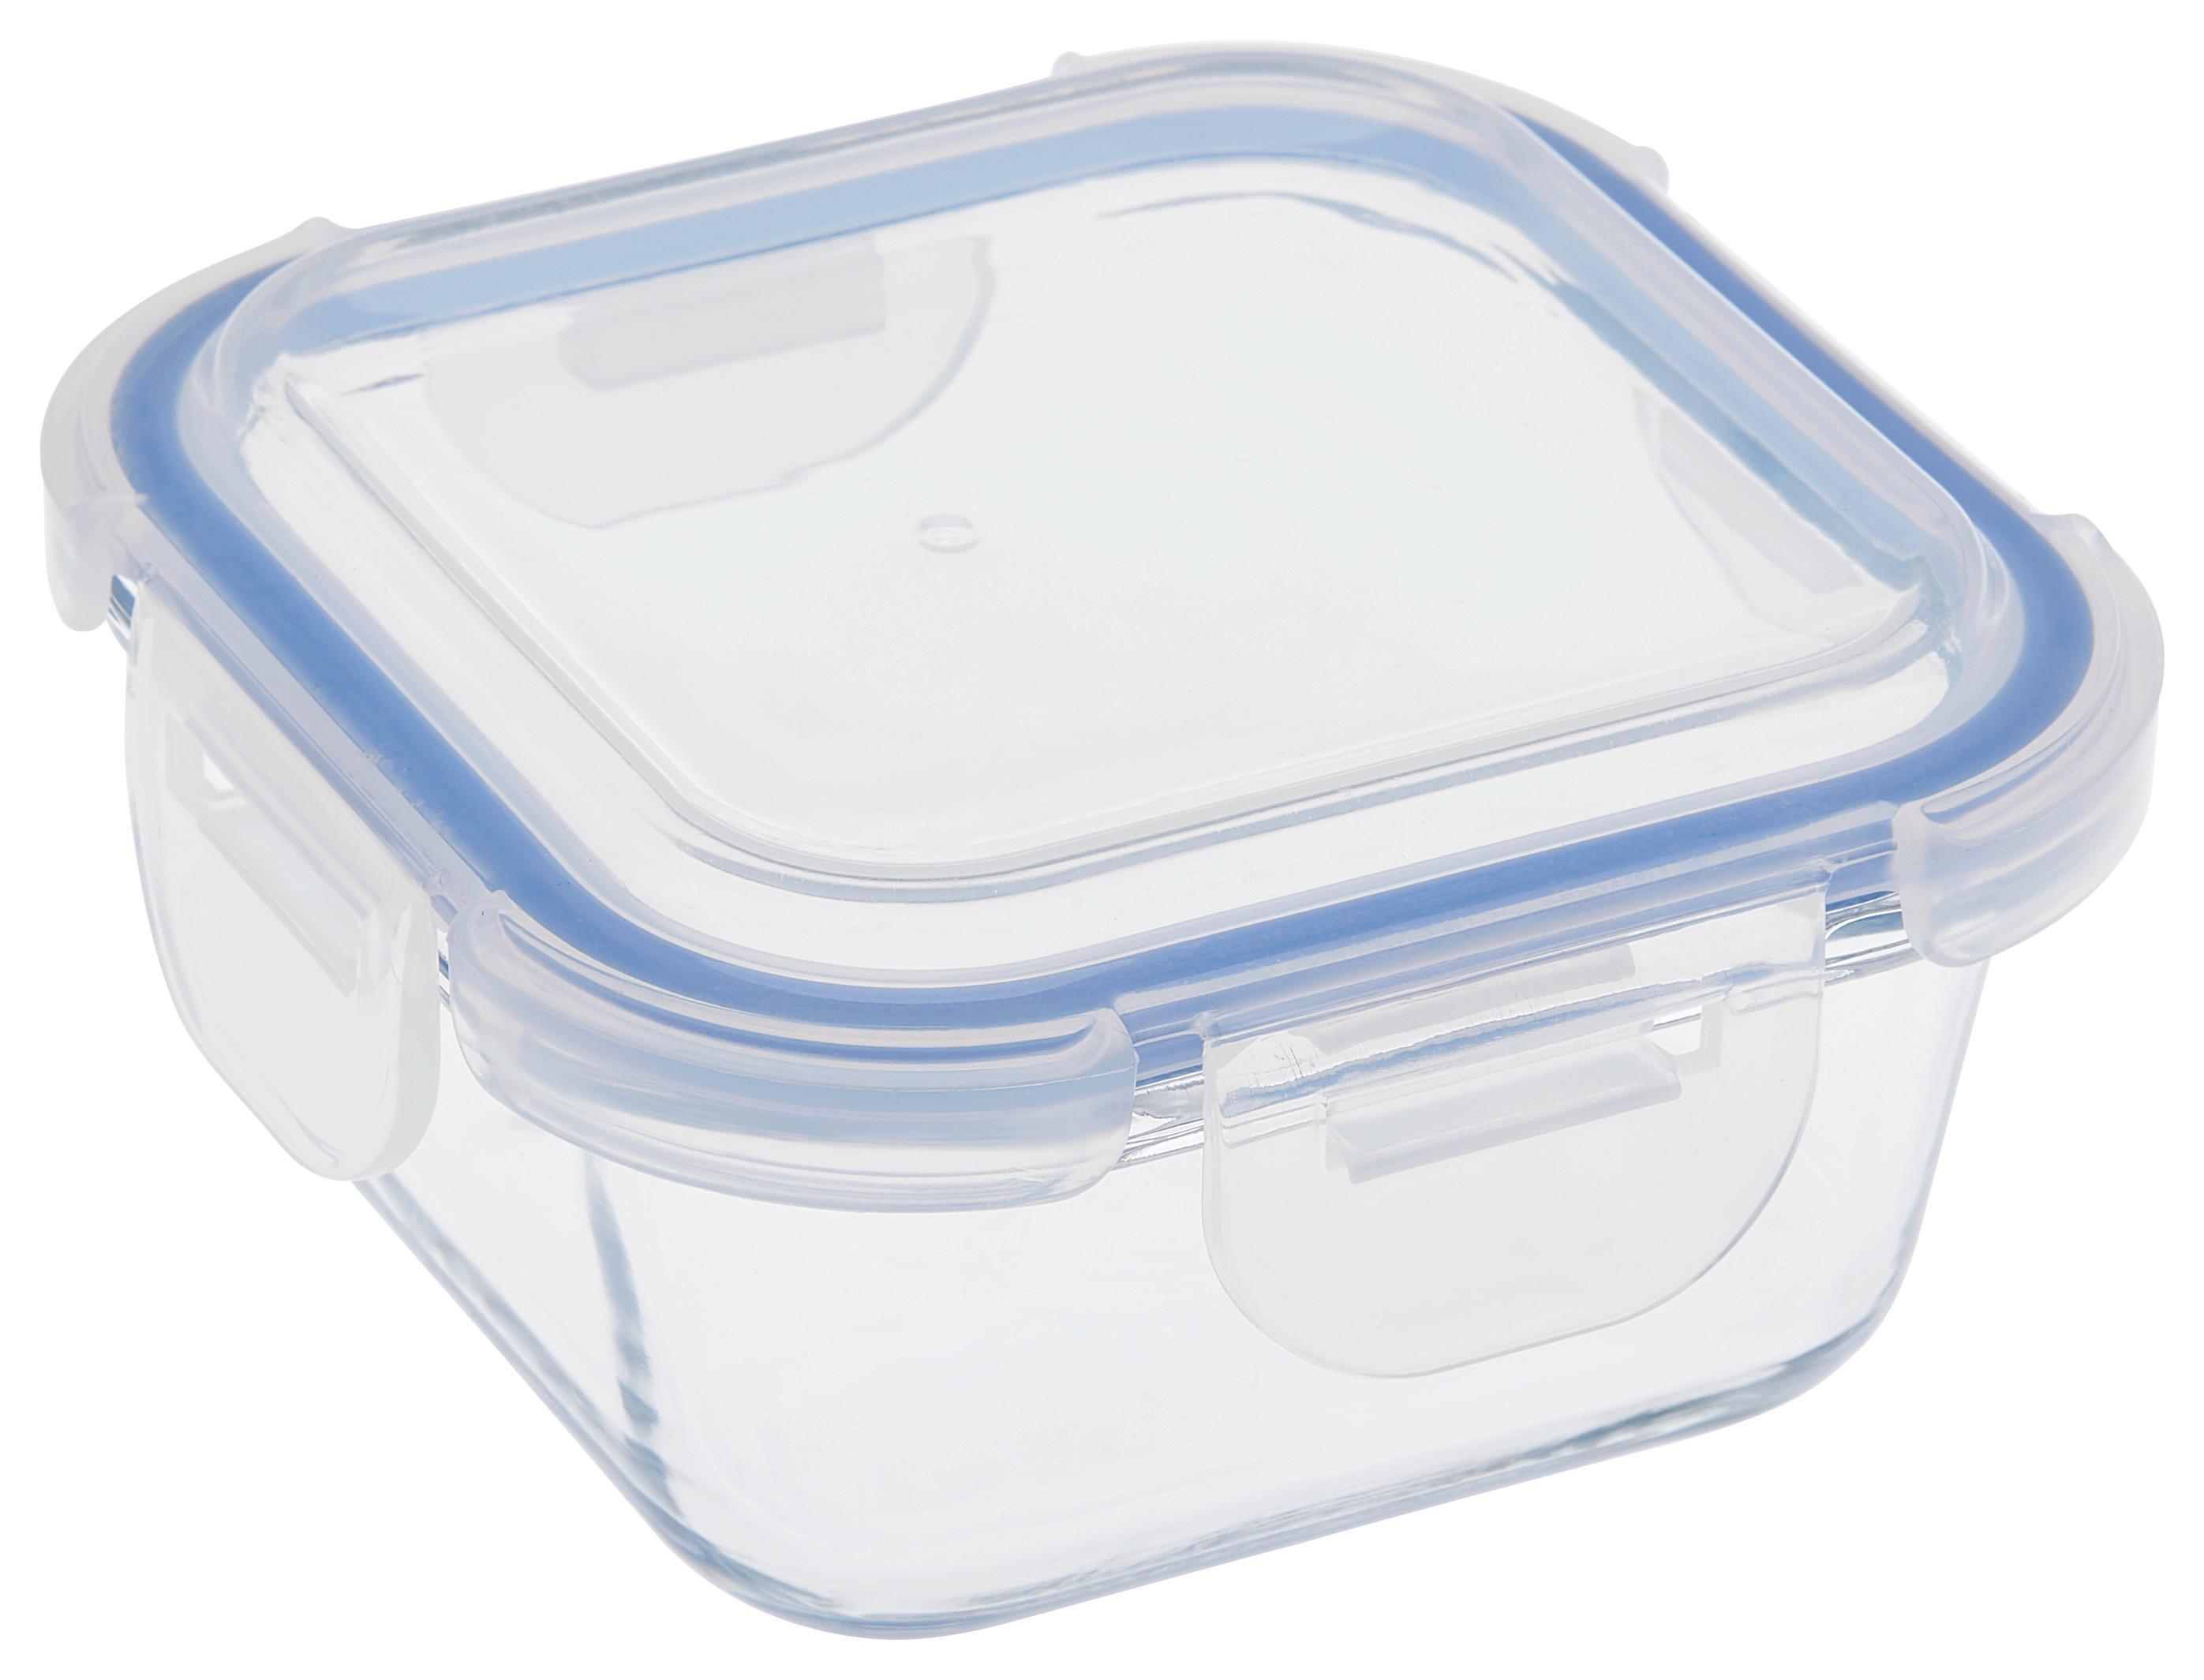 4 Tlg Frischhaltedosen Vorratsdosen Aufbewahrungsdose Dose Deckel Mikrowellen 5L